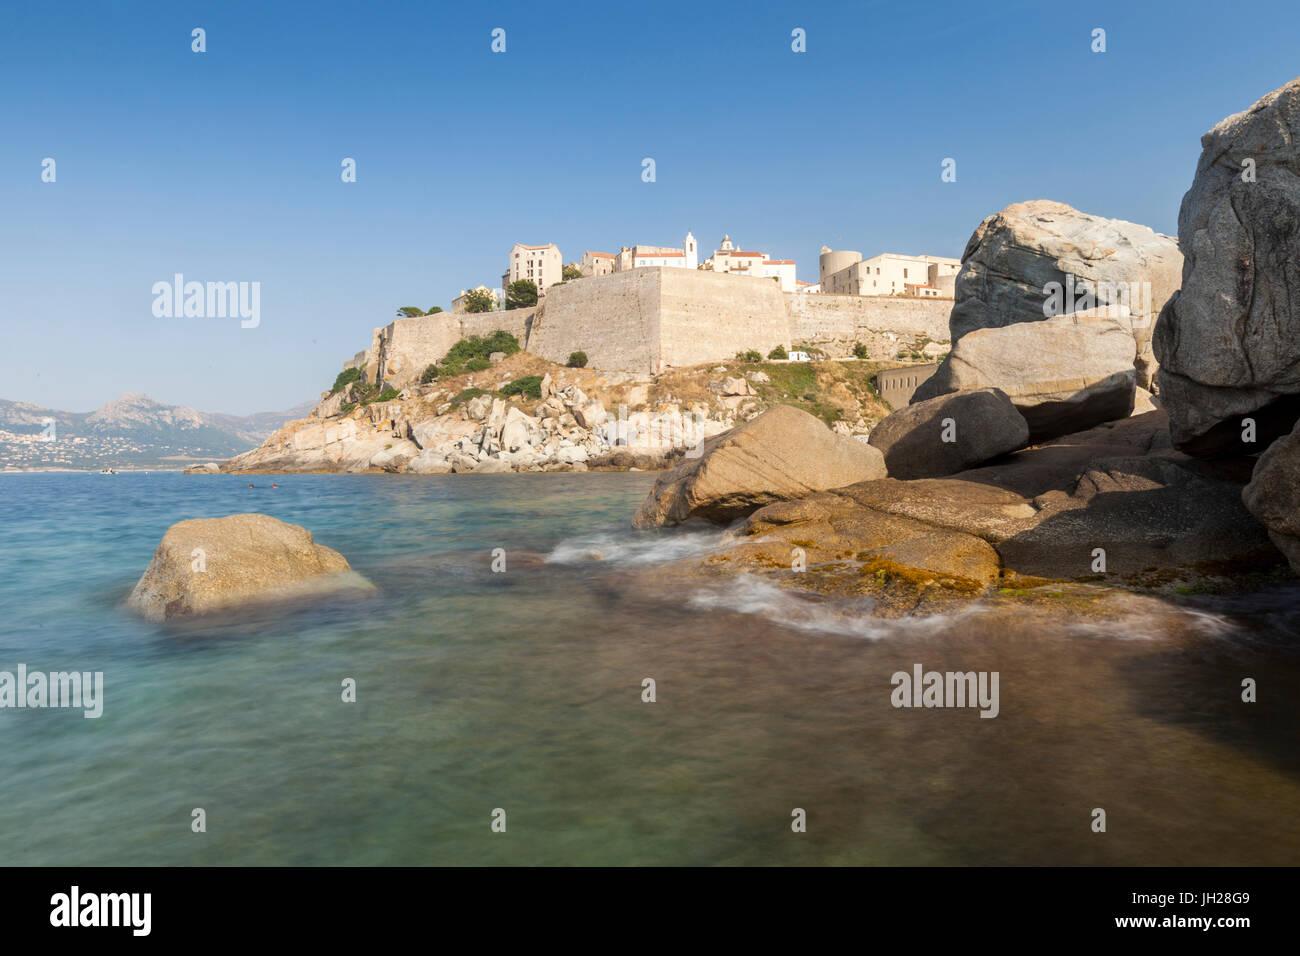 Die alte befestigte Zitadelle auf dem Vorgebirge, umgeben durch das klare Meer, Calvi, Balagne Region, Korsika, Stockbild